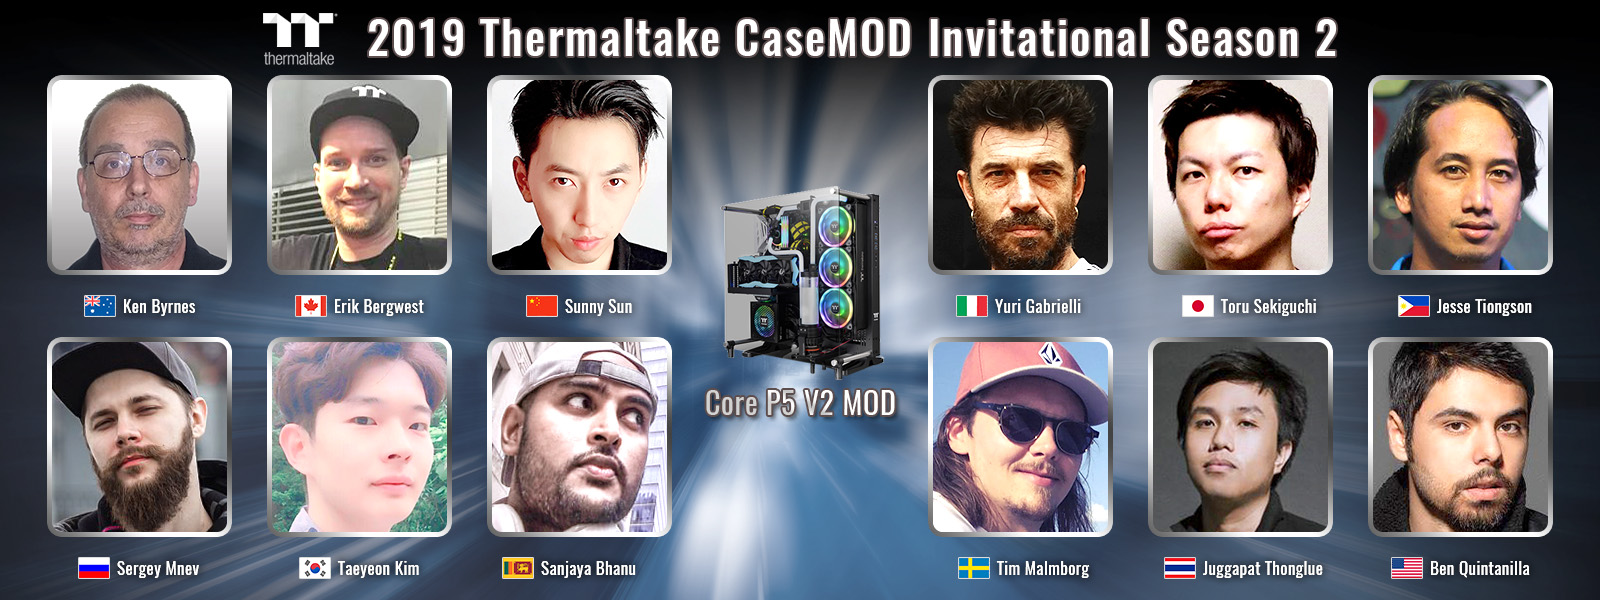 A 2019-es Thermaltake meghívásos CaseMOD verseny 2. évadja a világ tizenkét legjobb modderét kérte fel a Core P5 V2 ház újjáalkotásához